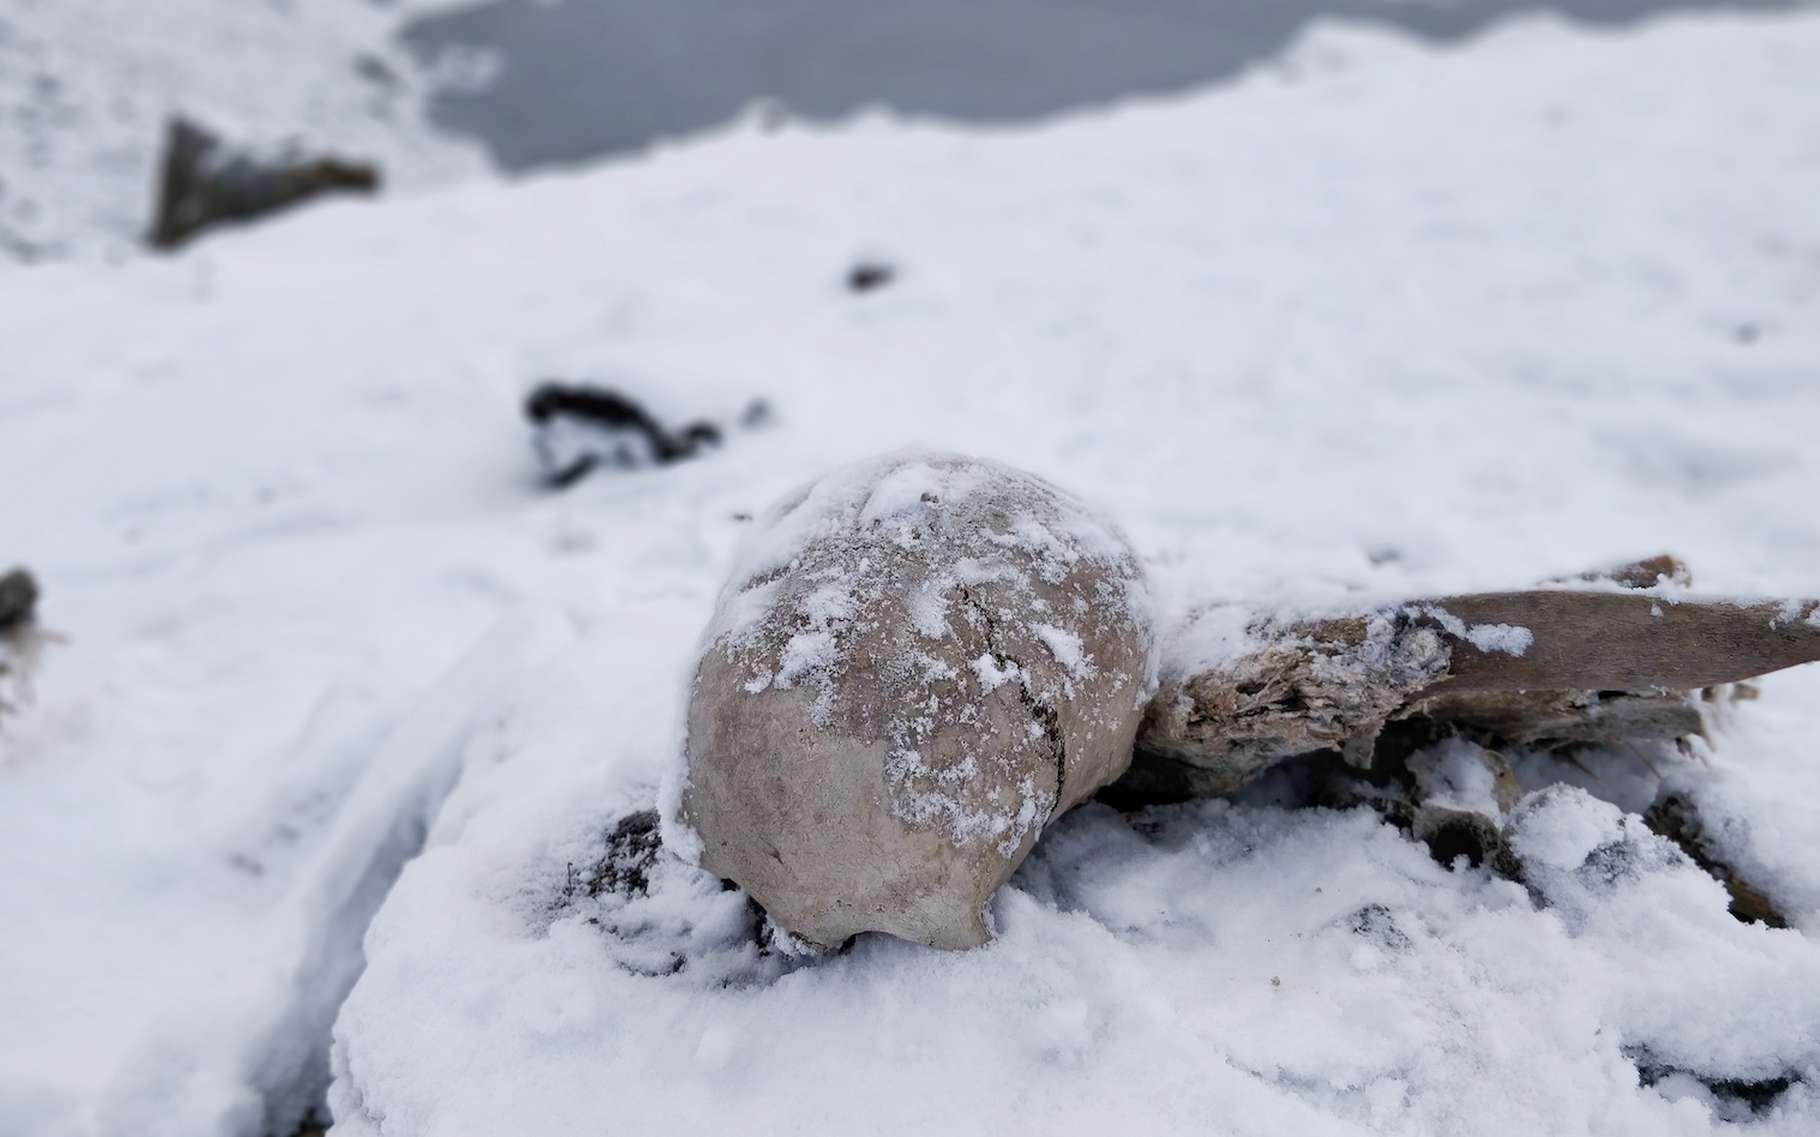 De nombreux squelettes jonchent les alentours du lac de Roopkund, dans l'Himalaya. Les causes de leur mort reste un mystère pour les chercheurs. © Anuroop, Adobe Stock